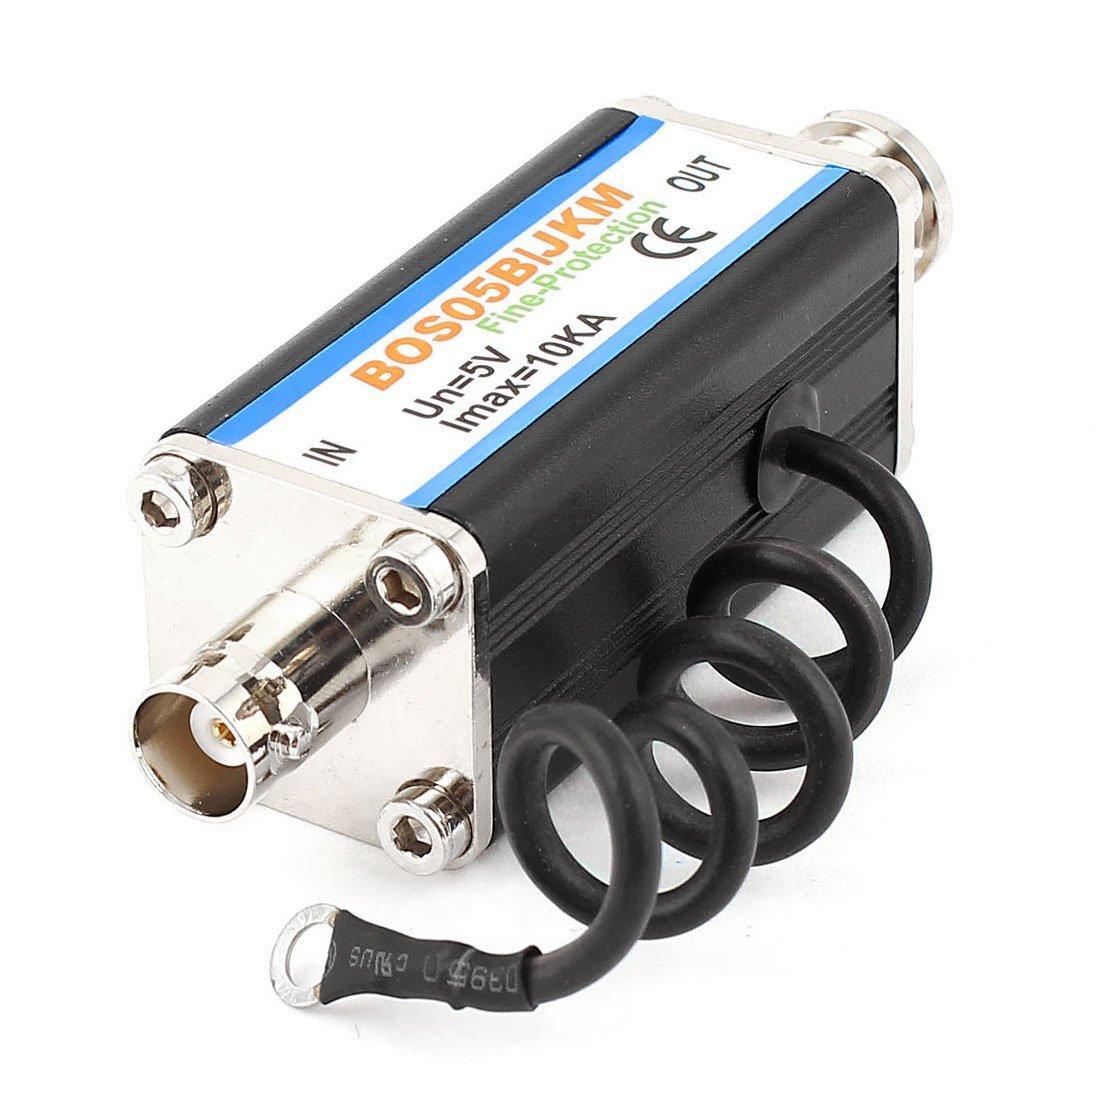 Cable coaxial BNC Monitor CCTV Surge Protector trueno pararrayos ...